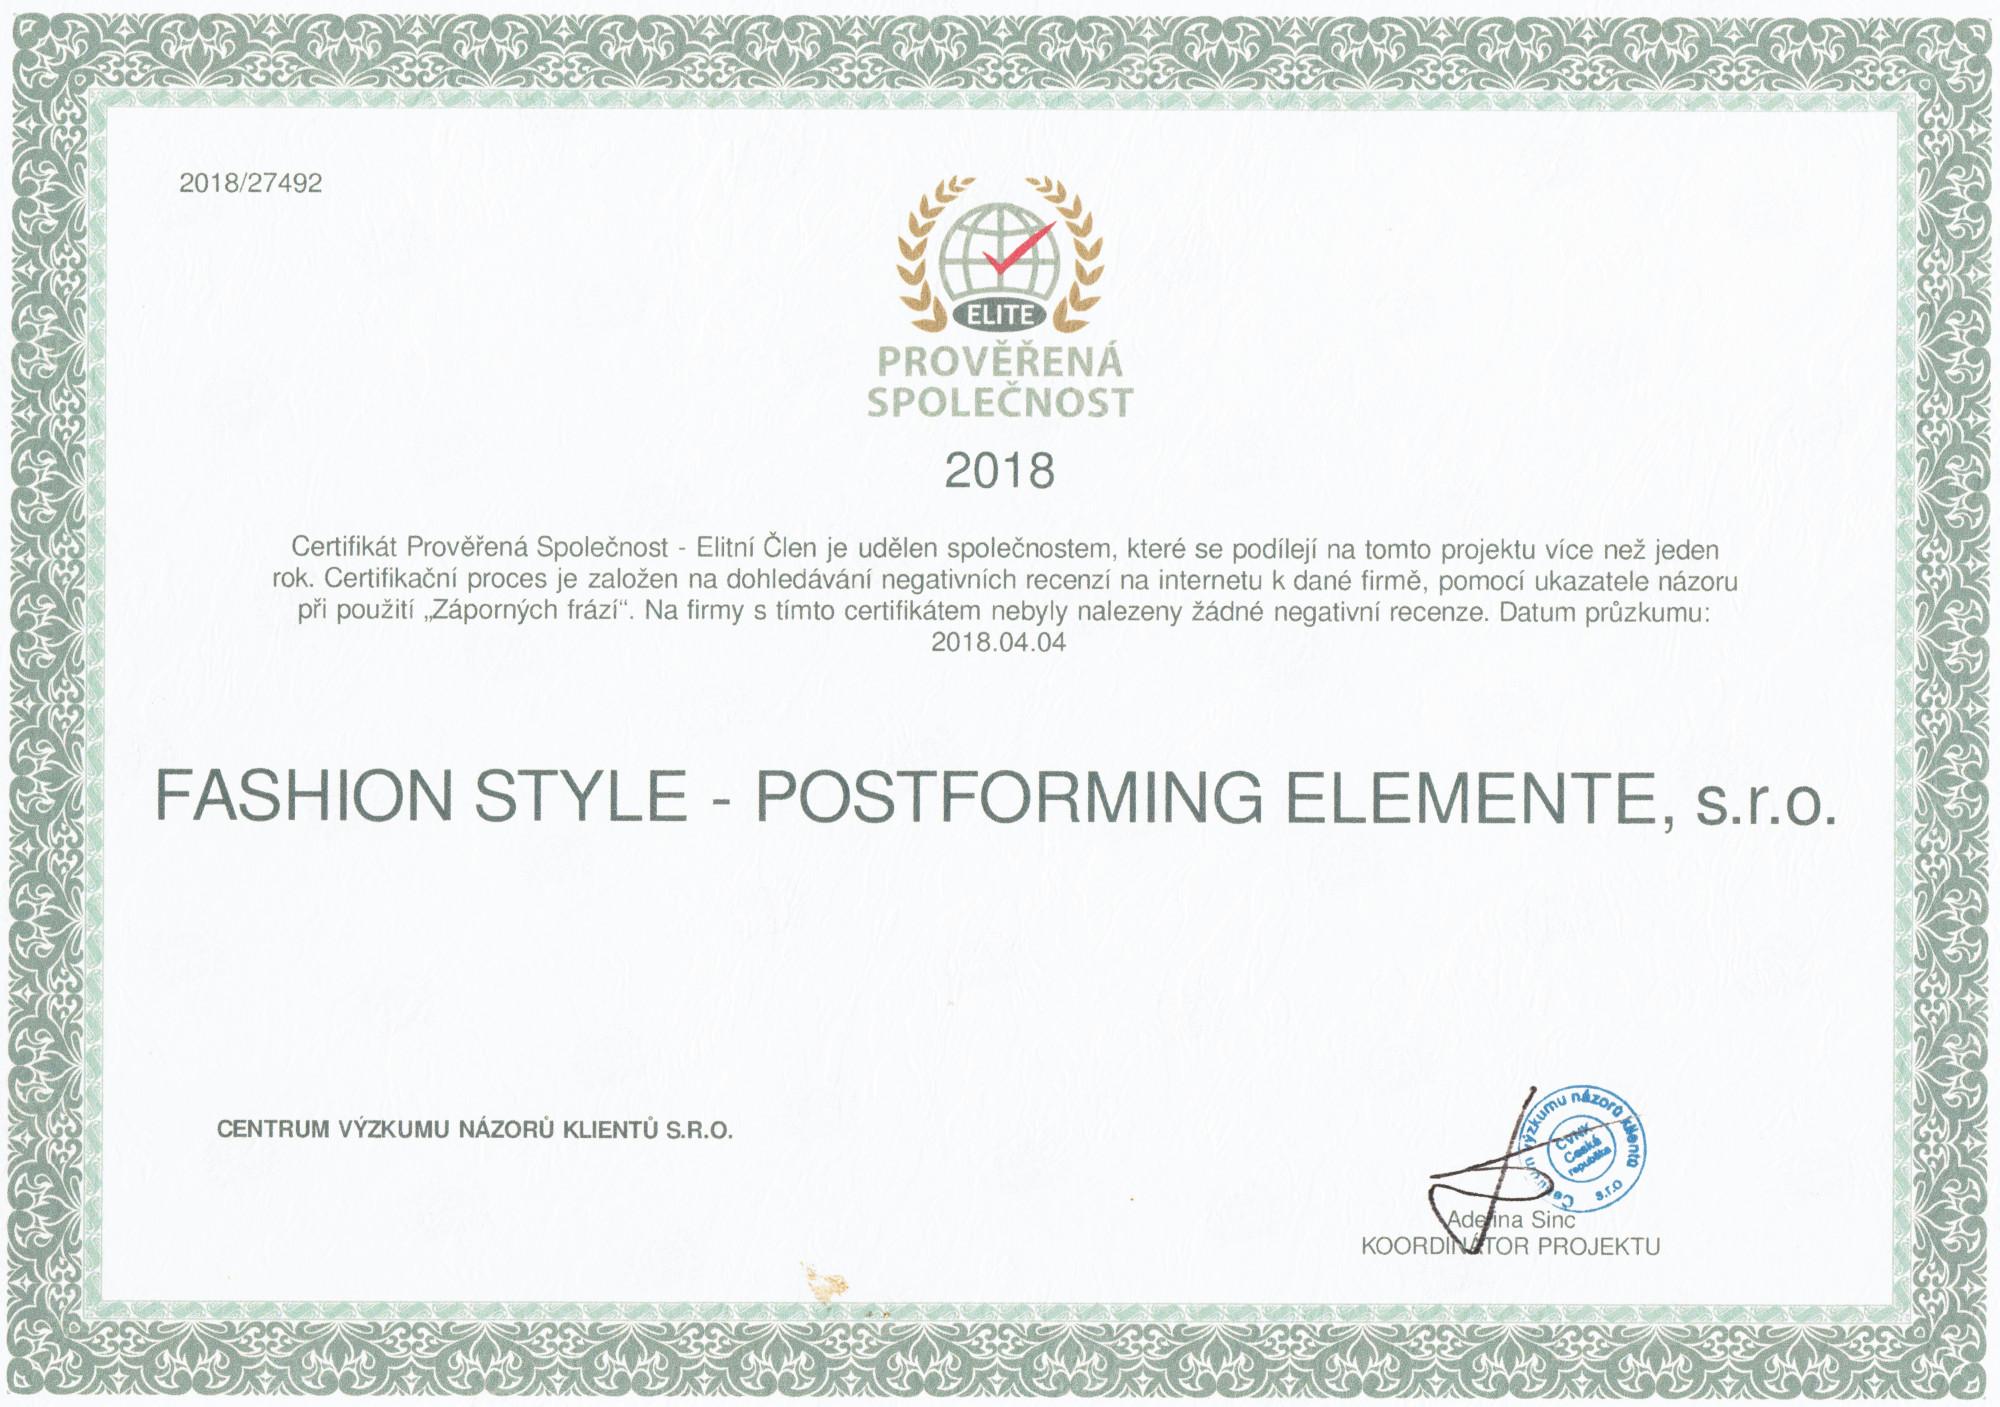 Certifikát Prověřená Společnost 2018